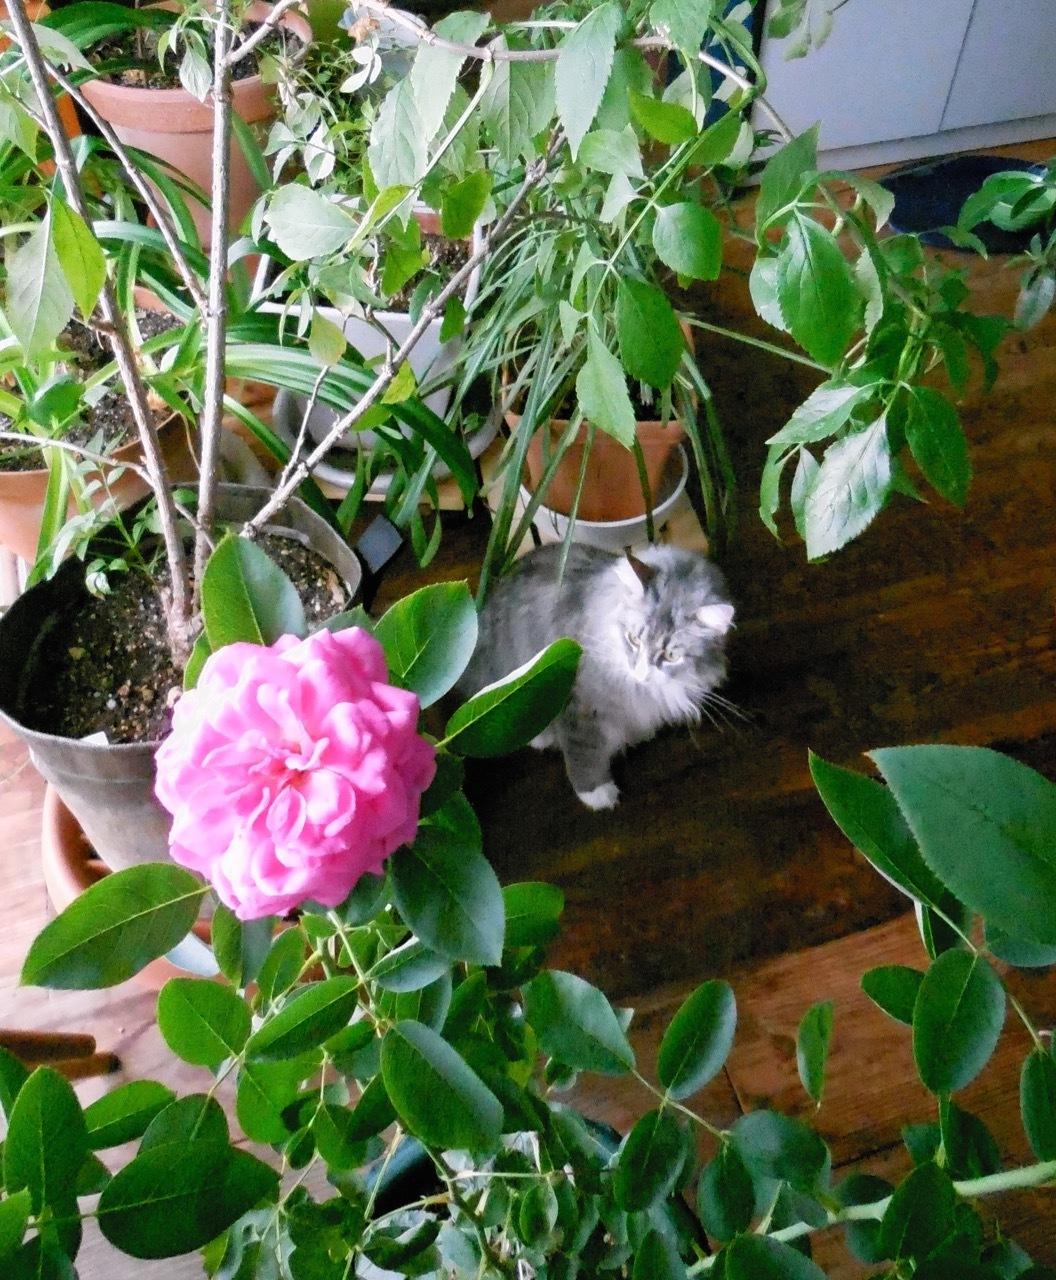 バラが咲いた!そしてウーラちゃんが・・・_e0356356_11341532.jpg